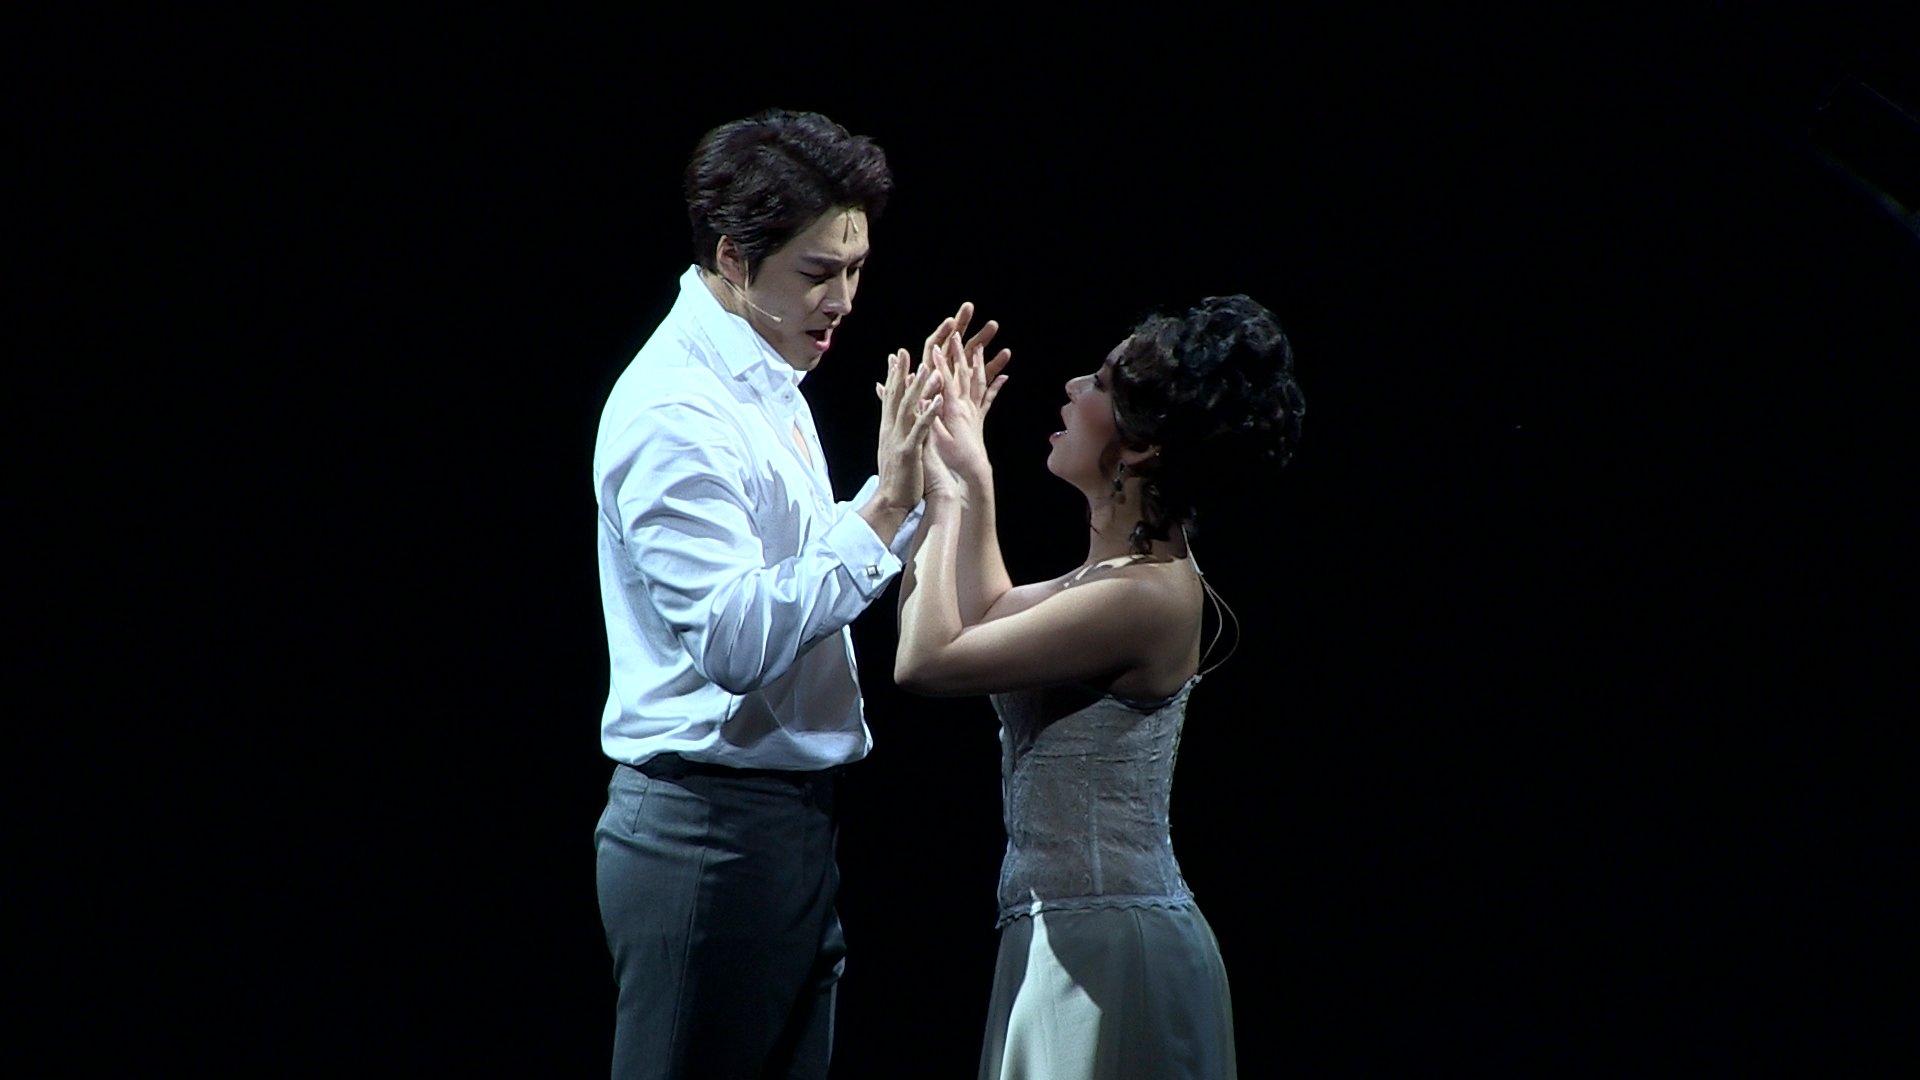 <안나 카레니나> 당신 내 곁에 없다면 - 정선아, 민우혁